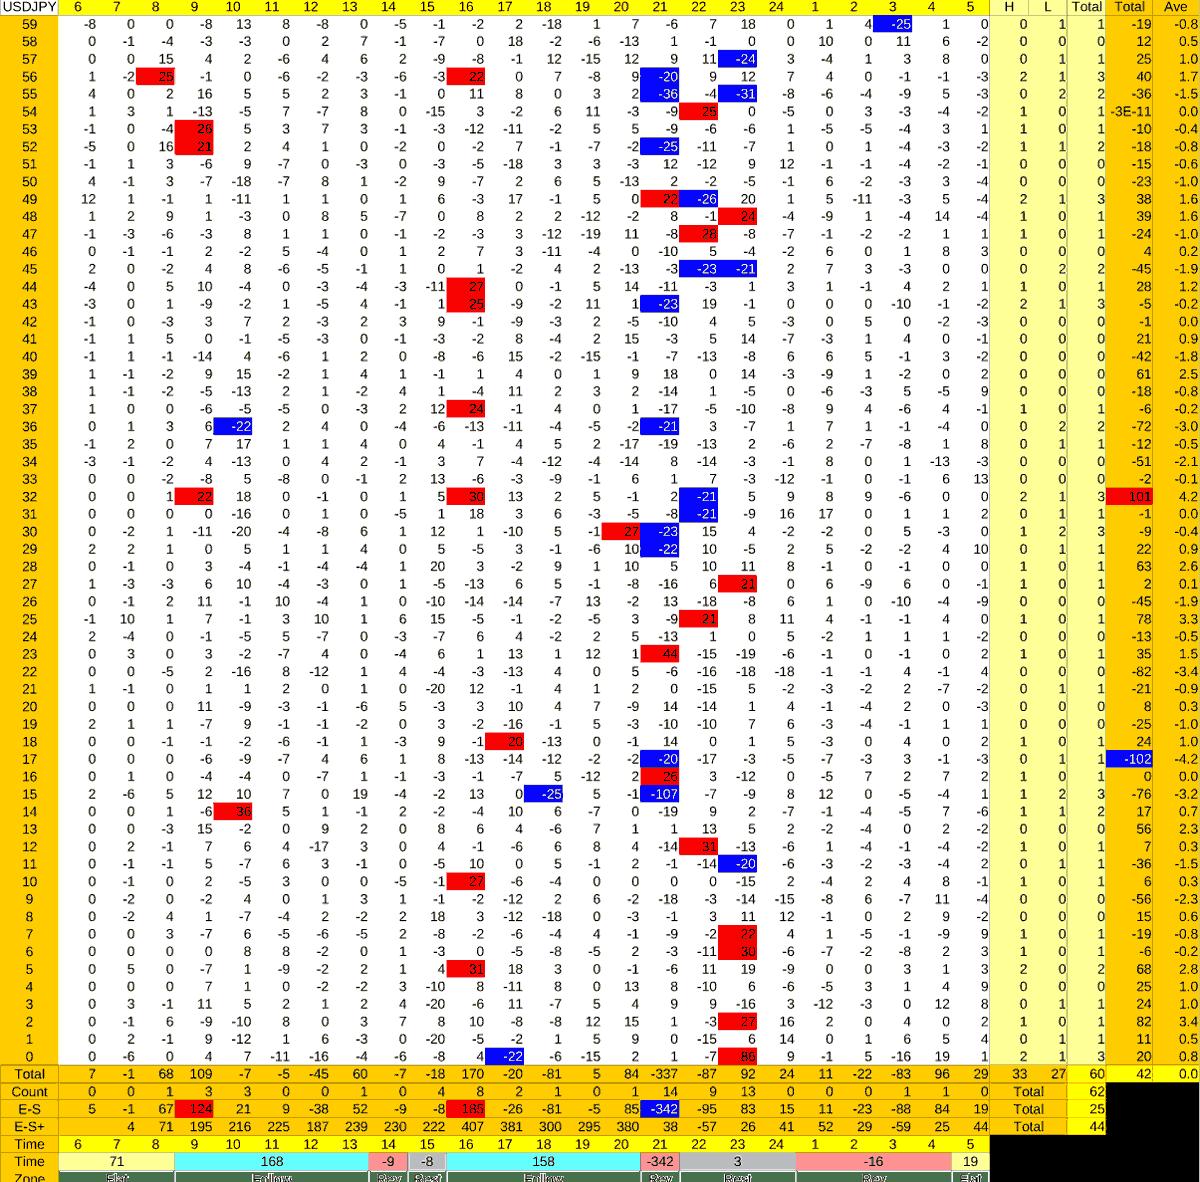 20210901_HS(1)USDJPY-min